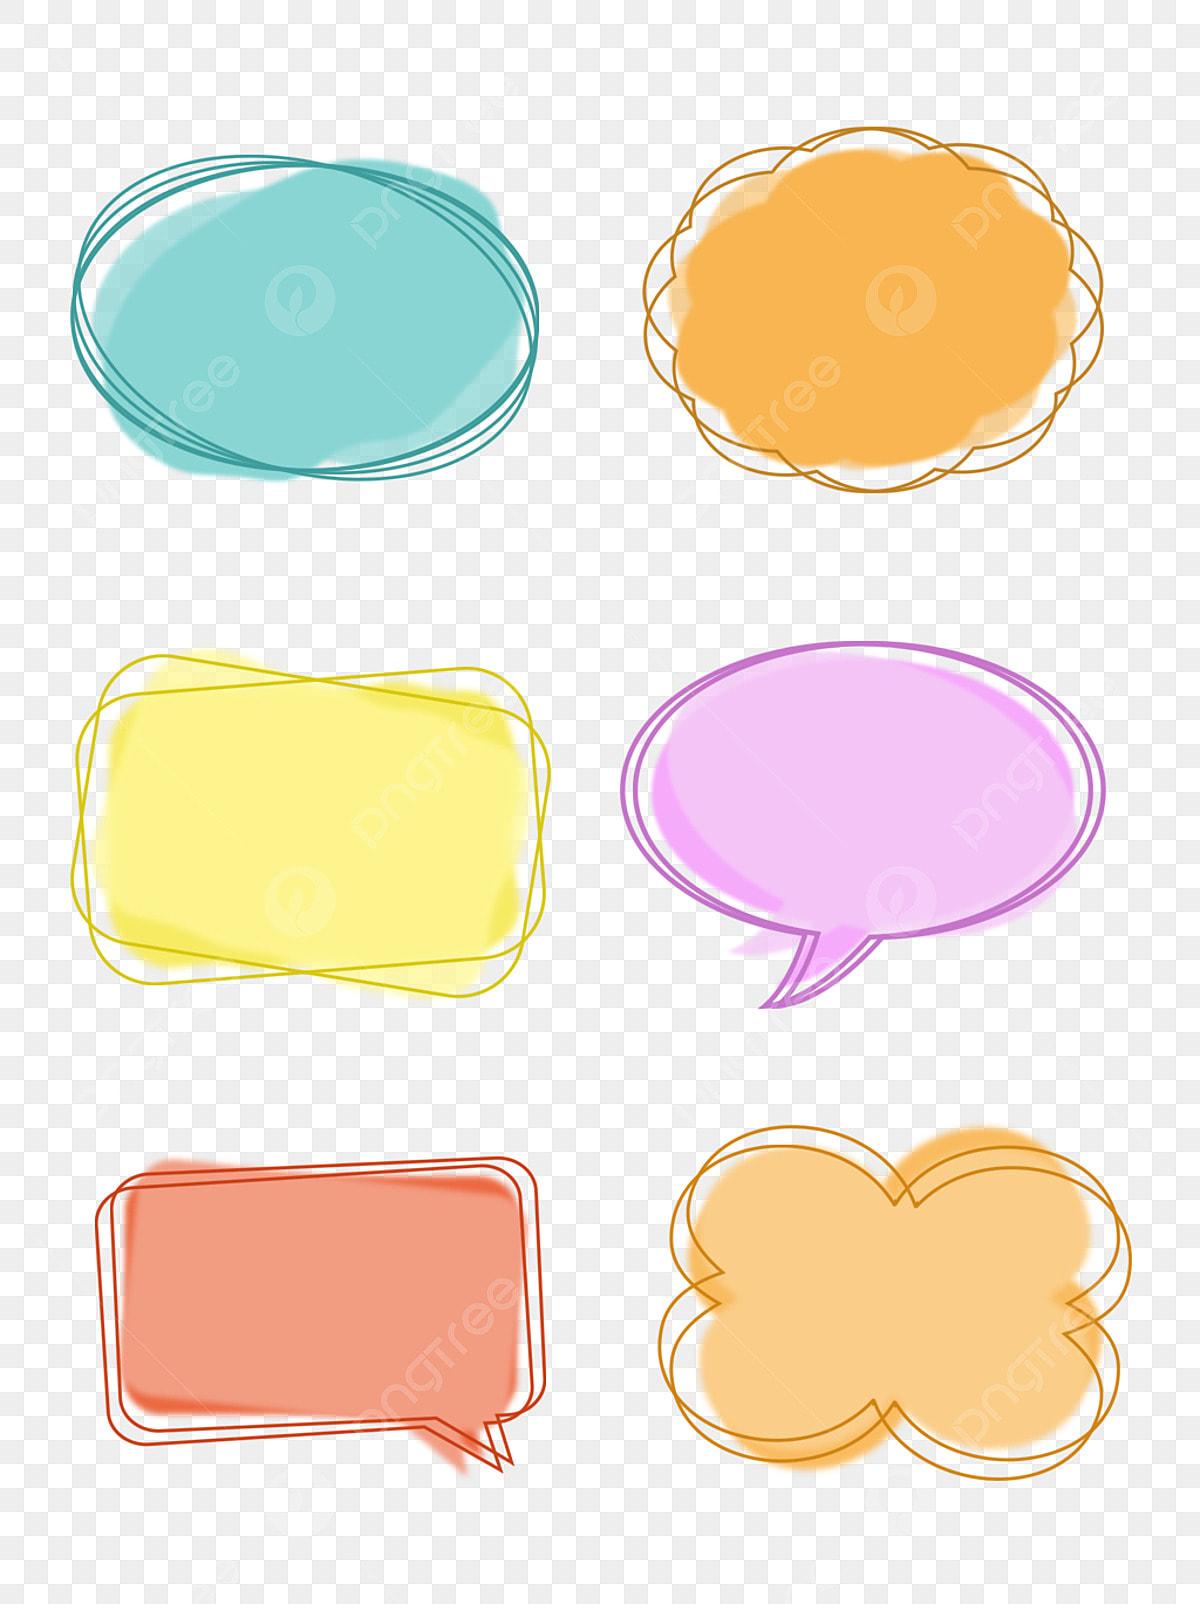 Kartun Mudah Dialog Lucu Gelembung Kotak Bulat Perbualan